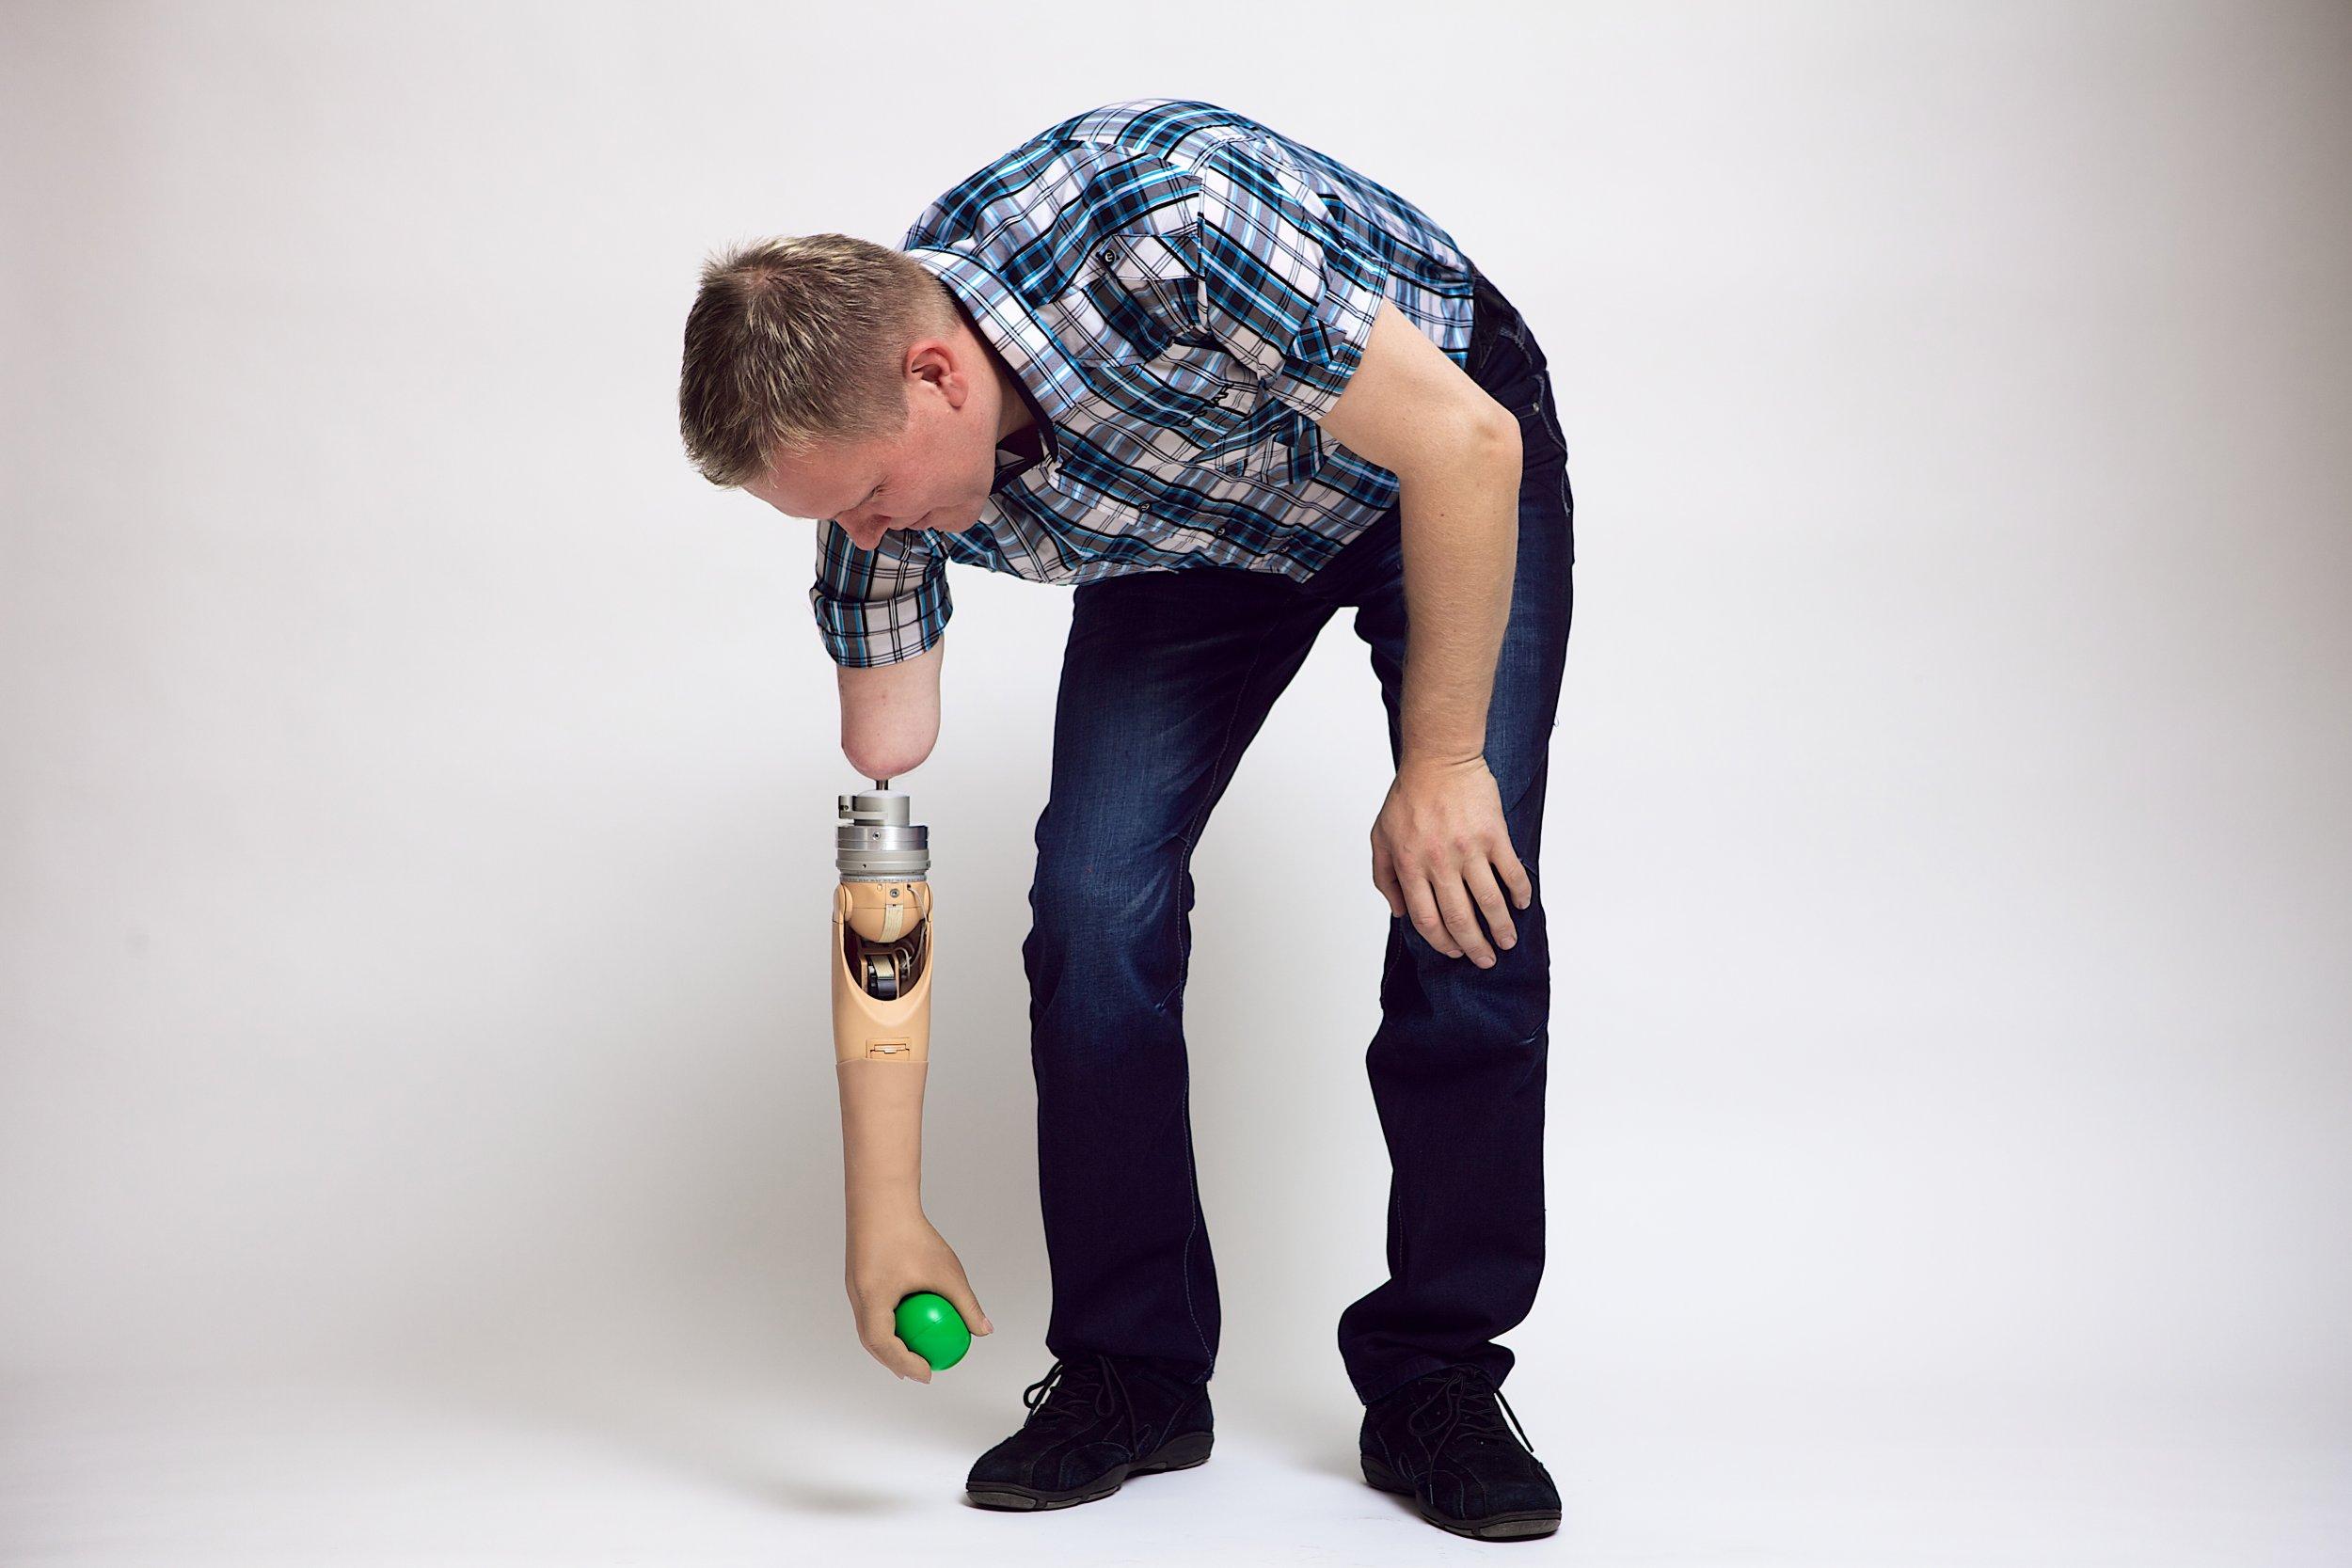 10-8-14 Prosthetic arm 1